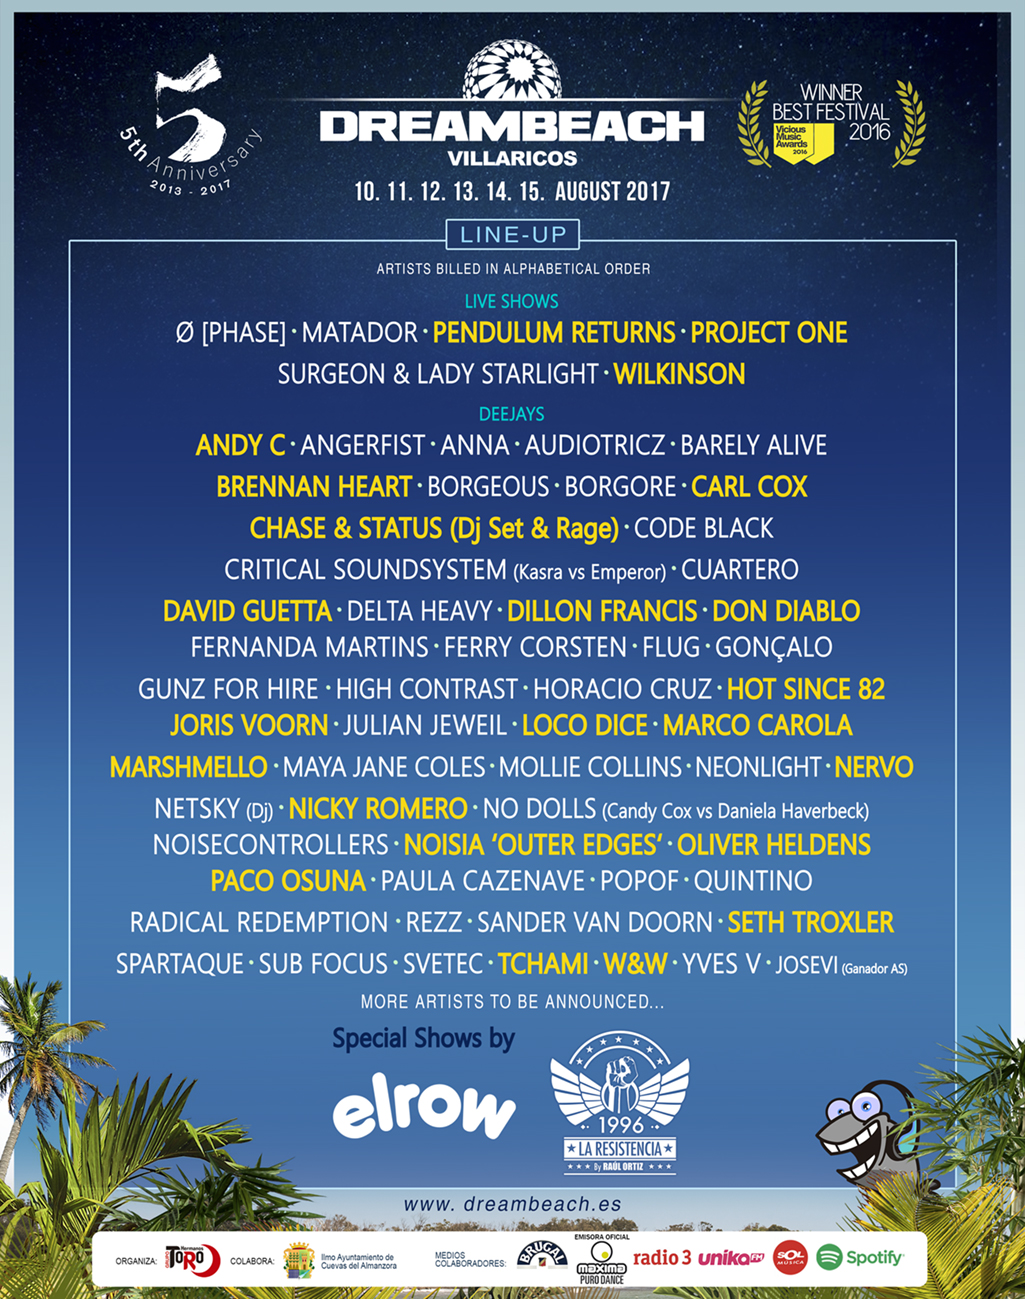 Dreambeach 2017: Ferry Corsten, Vini Vici y La Resistencia del 10 al 15 de agosto (Almería)